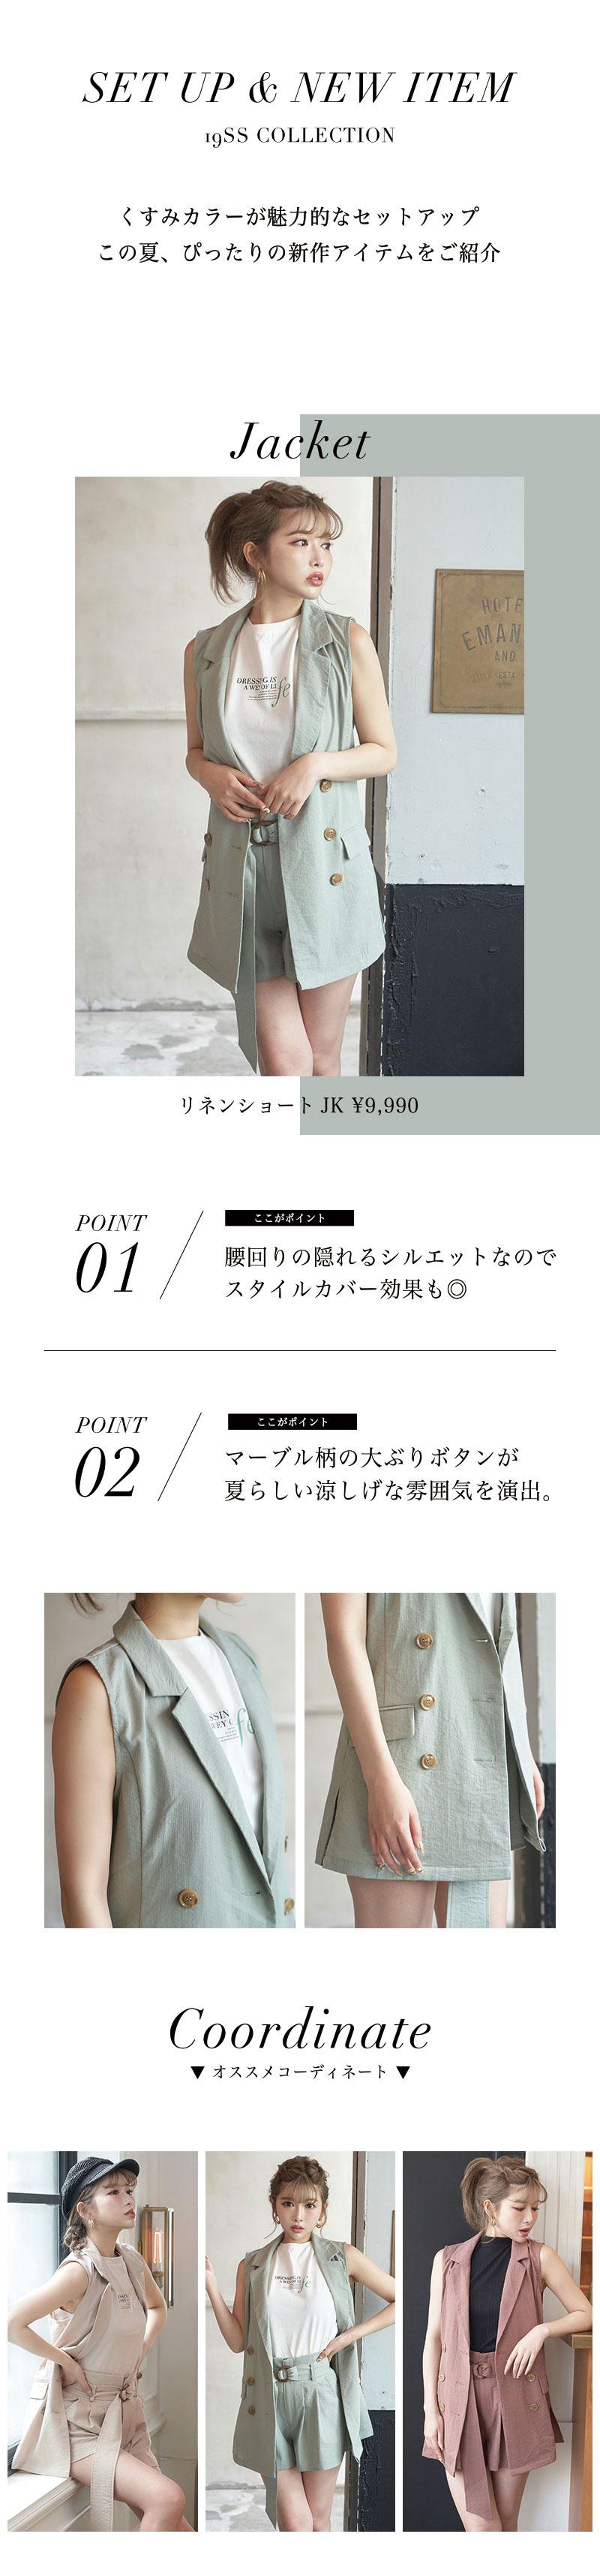 19SS 5月29日新作アイテム特集3